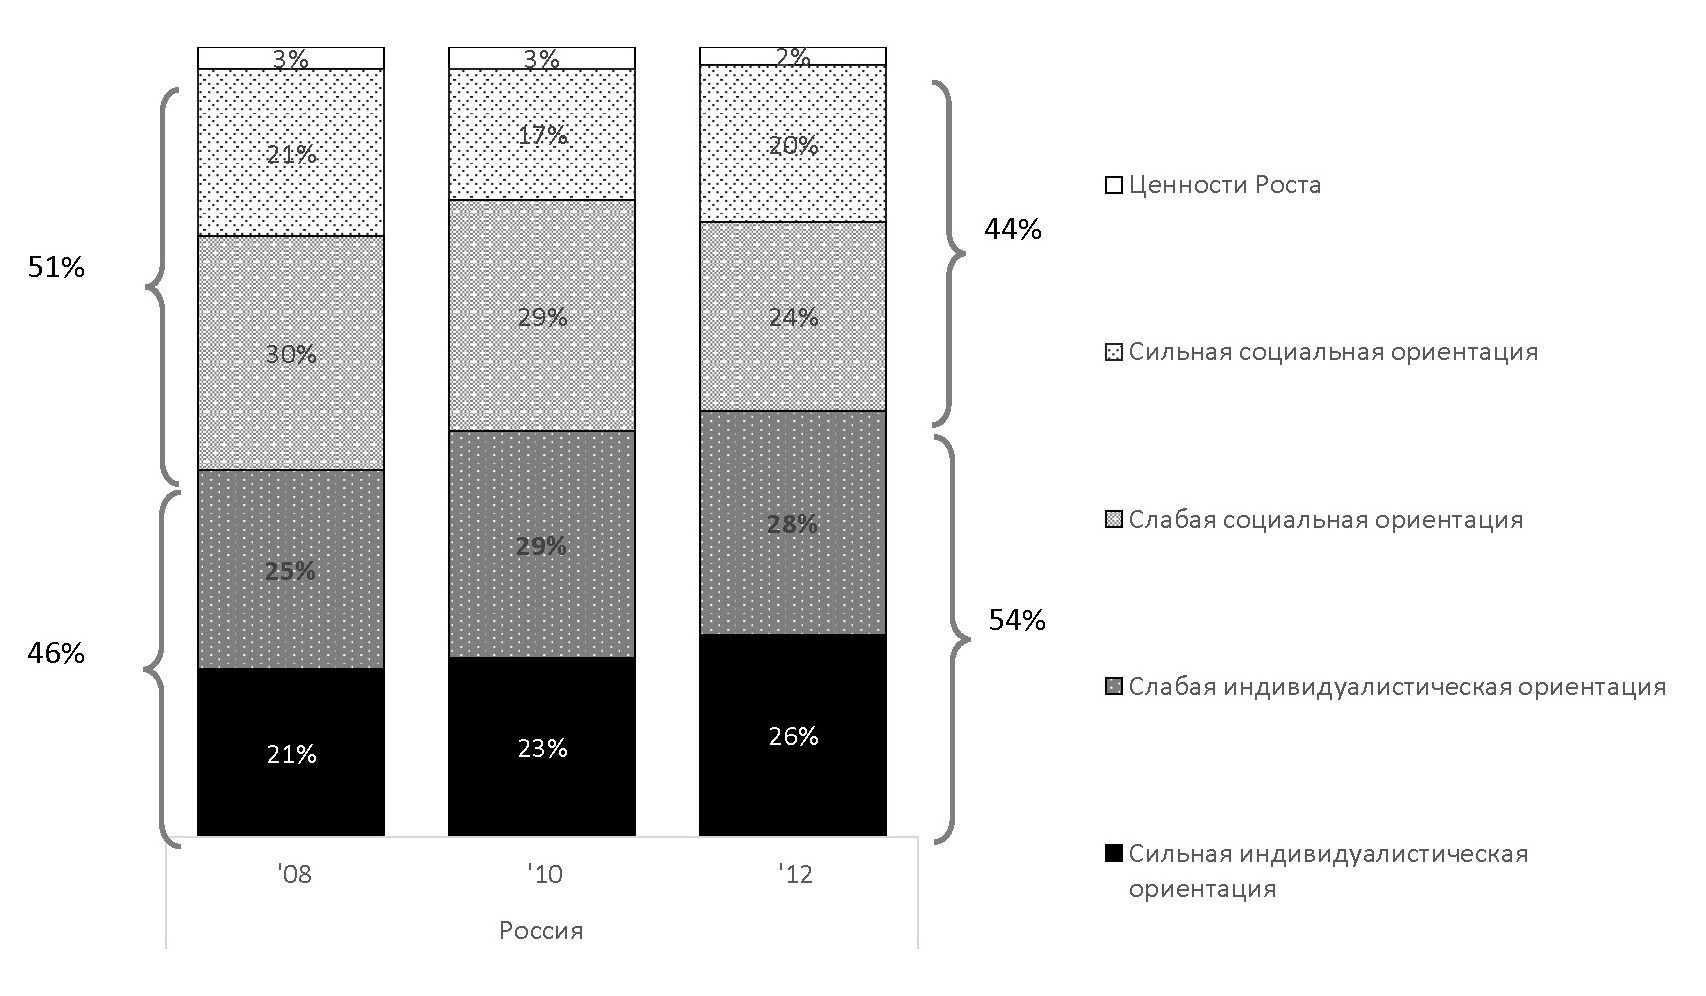 Рис. 3. Устойчивость и изменения в распределении россиян по ценностным классам с 2008 по 2012 год [1]